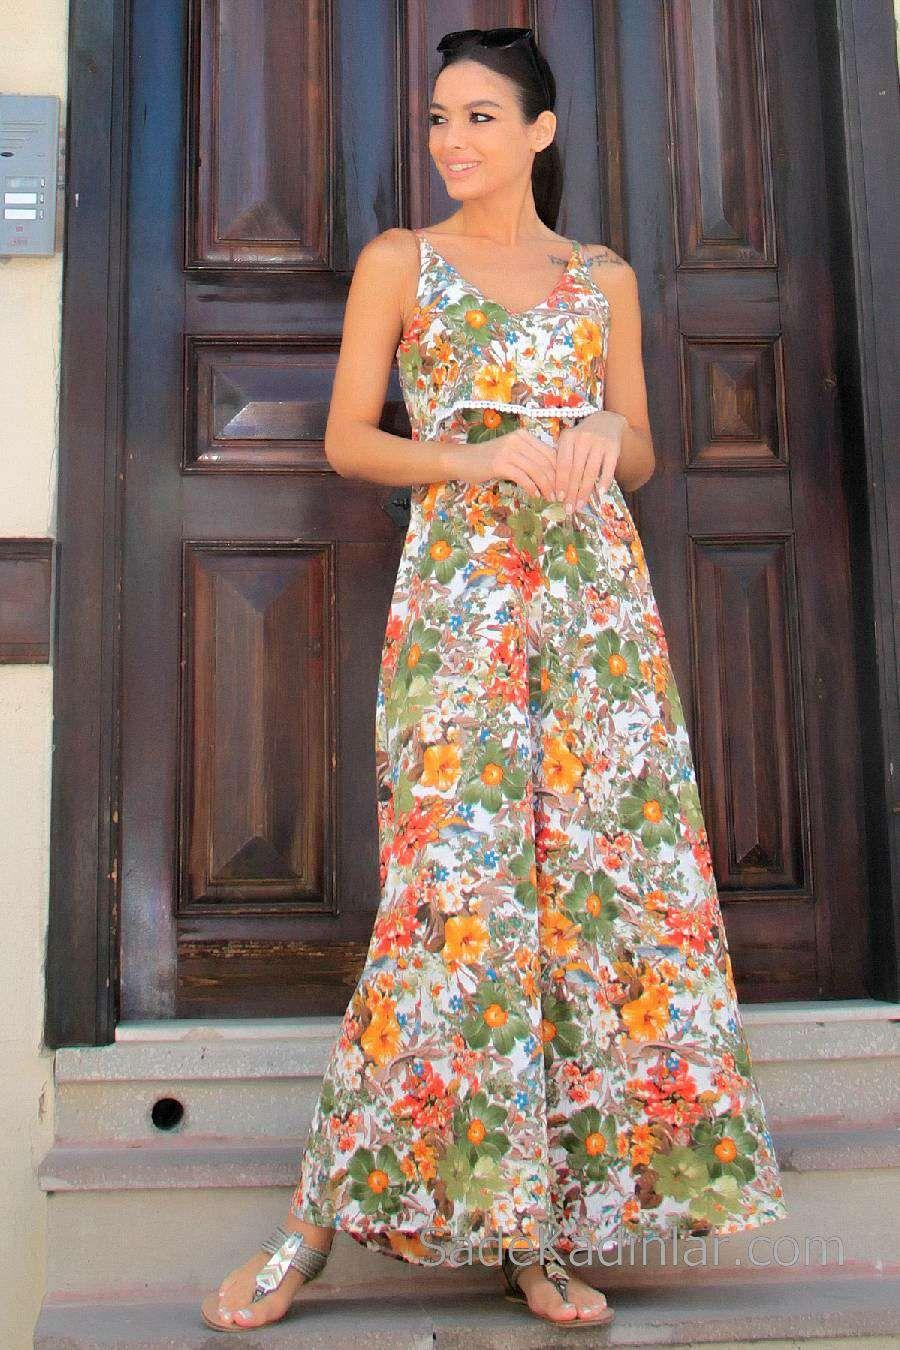 2020 Gunluk Elbise Modelleri Turuncu Uzun Askili Cicek Desenli Elbise Modelleri Elbise Moda Stilleri